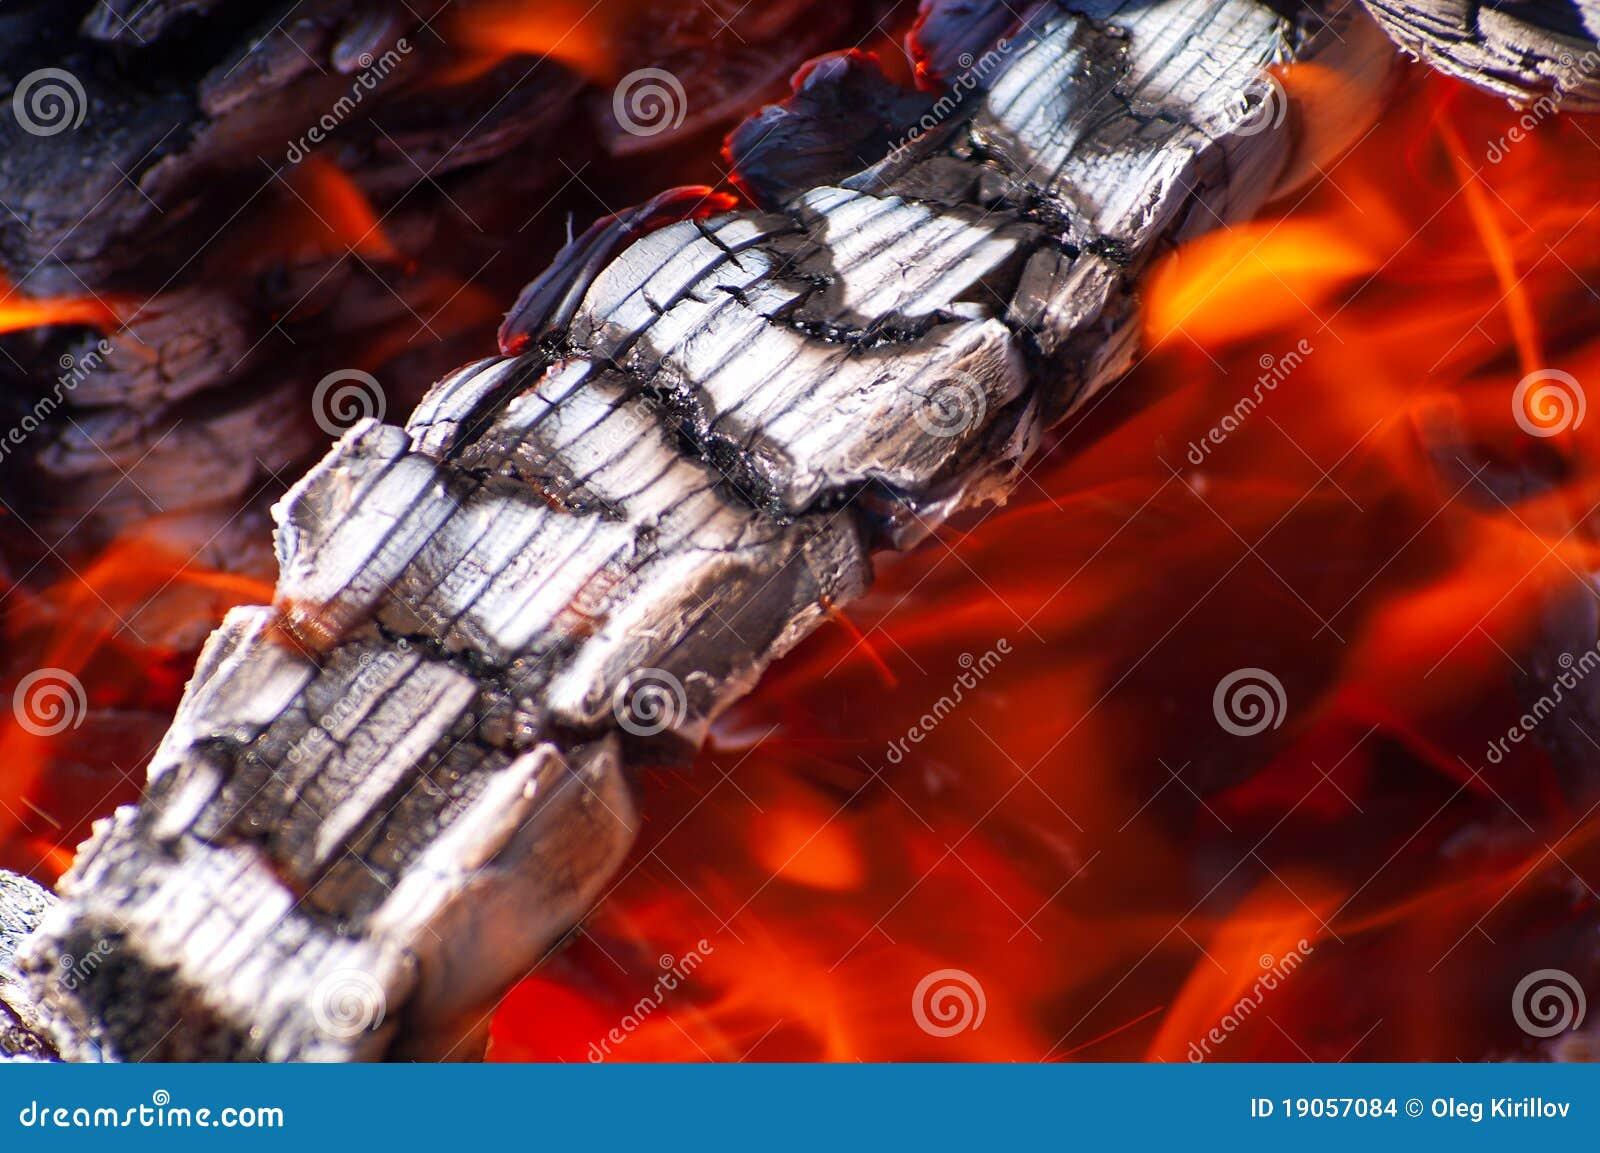 Achtergrond met brand